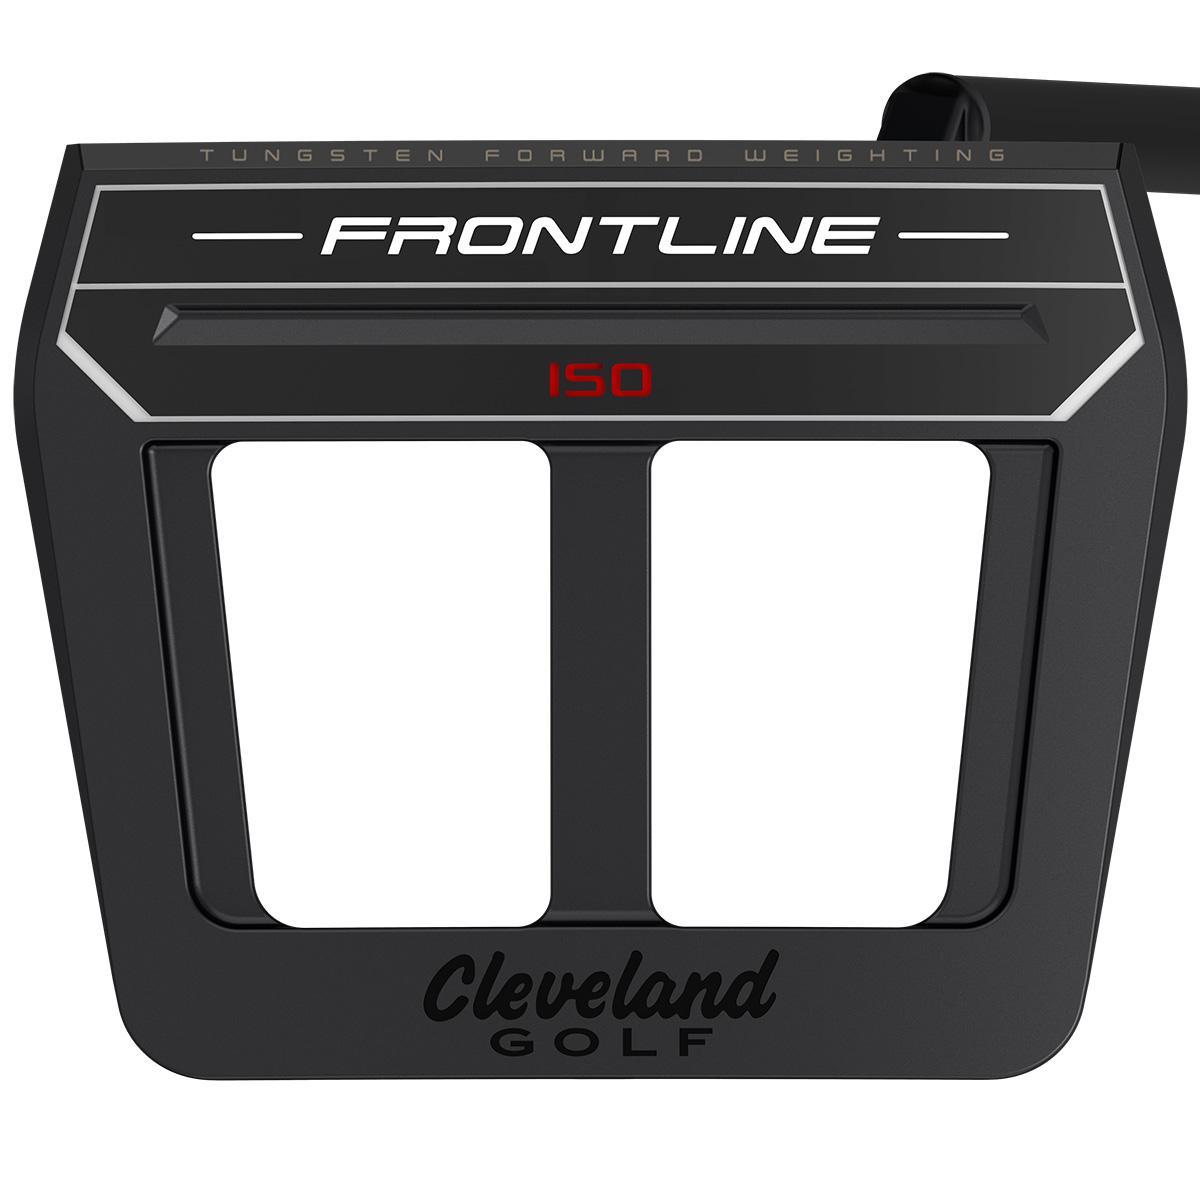 【11/30(土)0時~23時59分まで!最大2400円OFFクーポン配布♪】クリーブランド Cleveland Golf FRONTLINE ISO パター